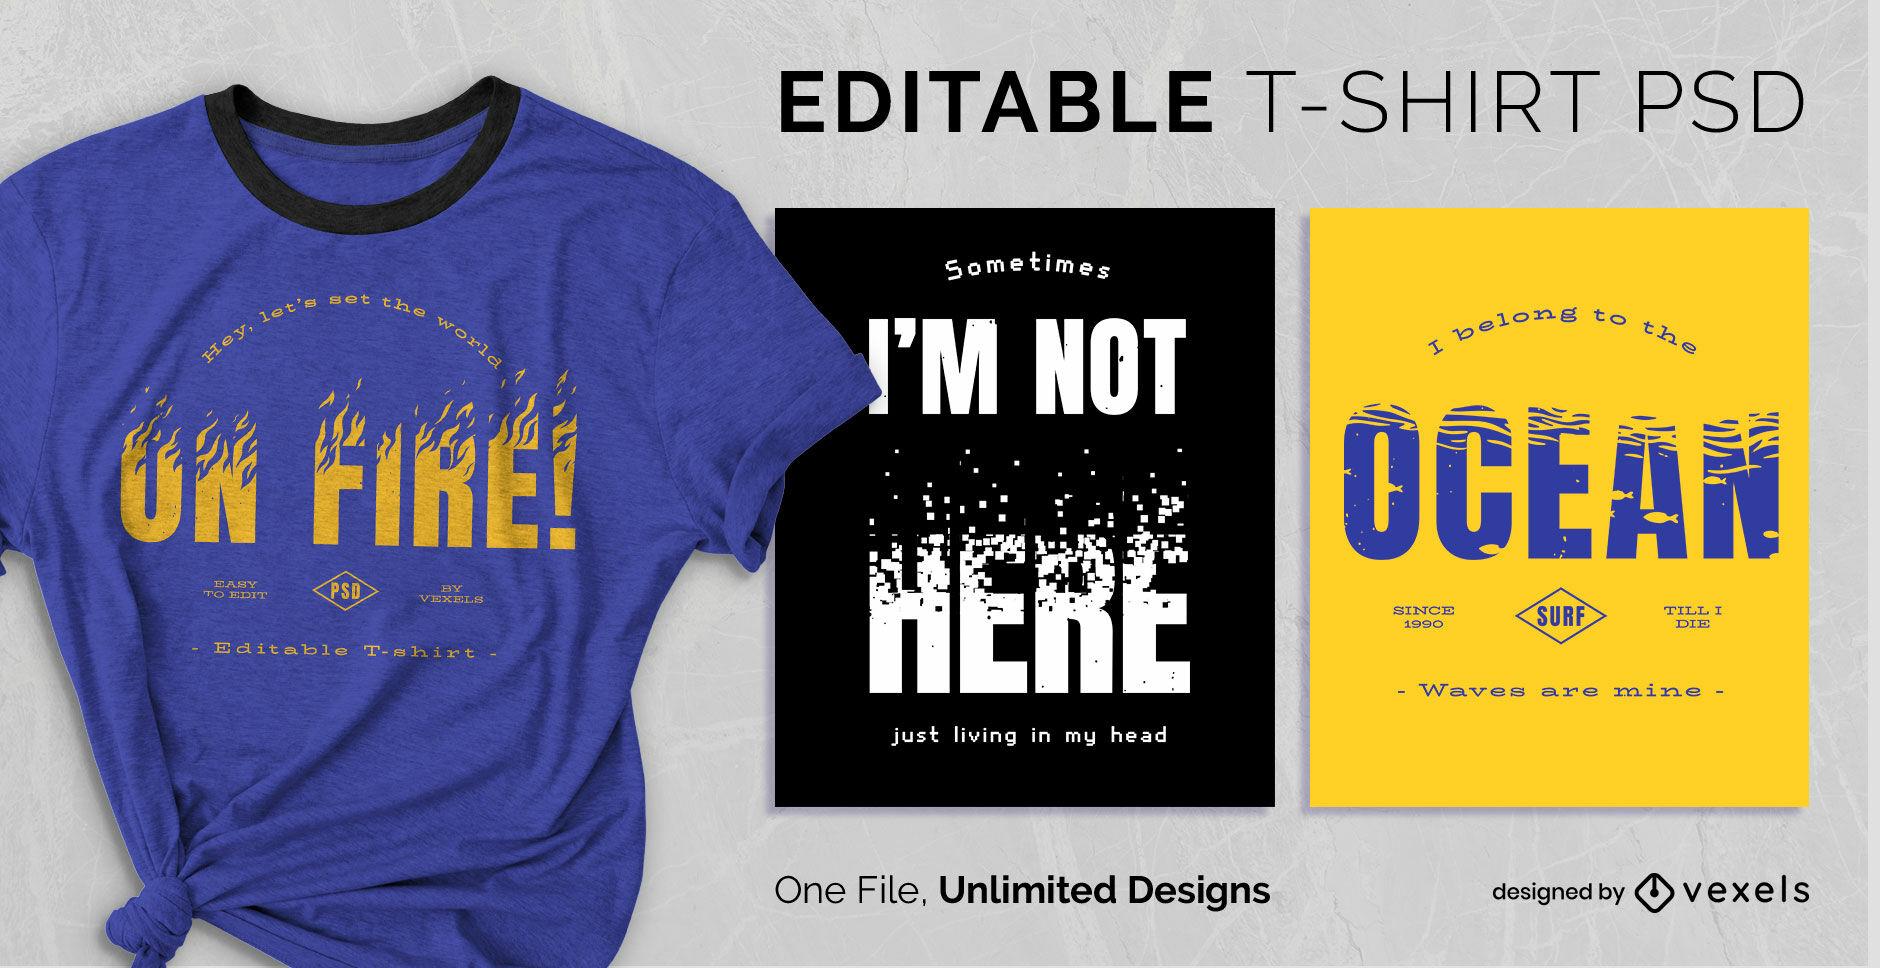 Skalierbares PSD-T-Shirt mit strukturiertem Zitat